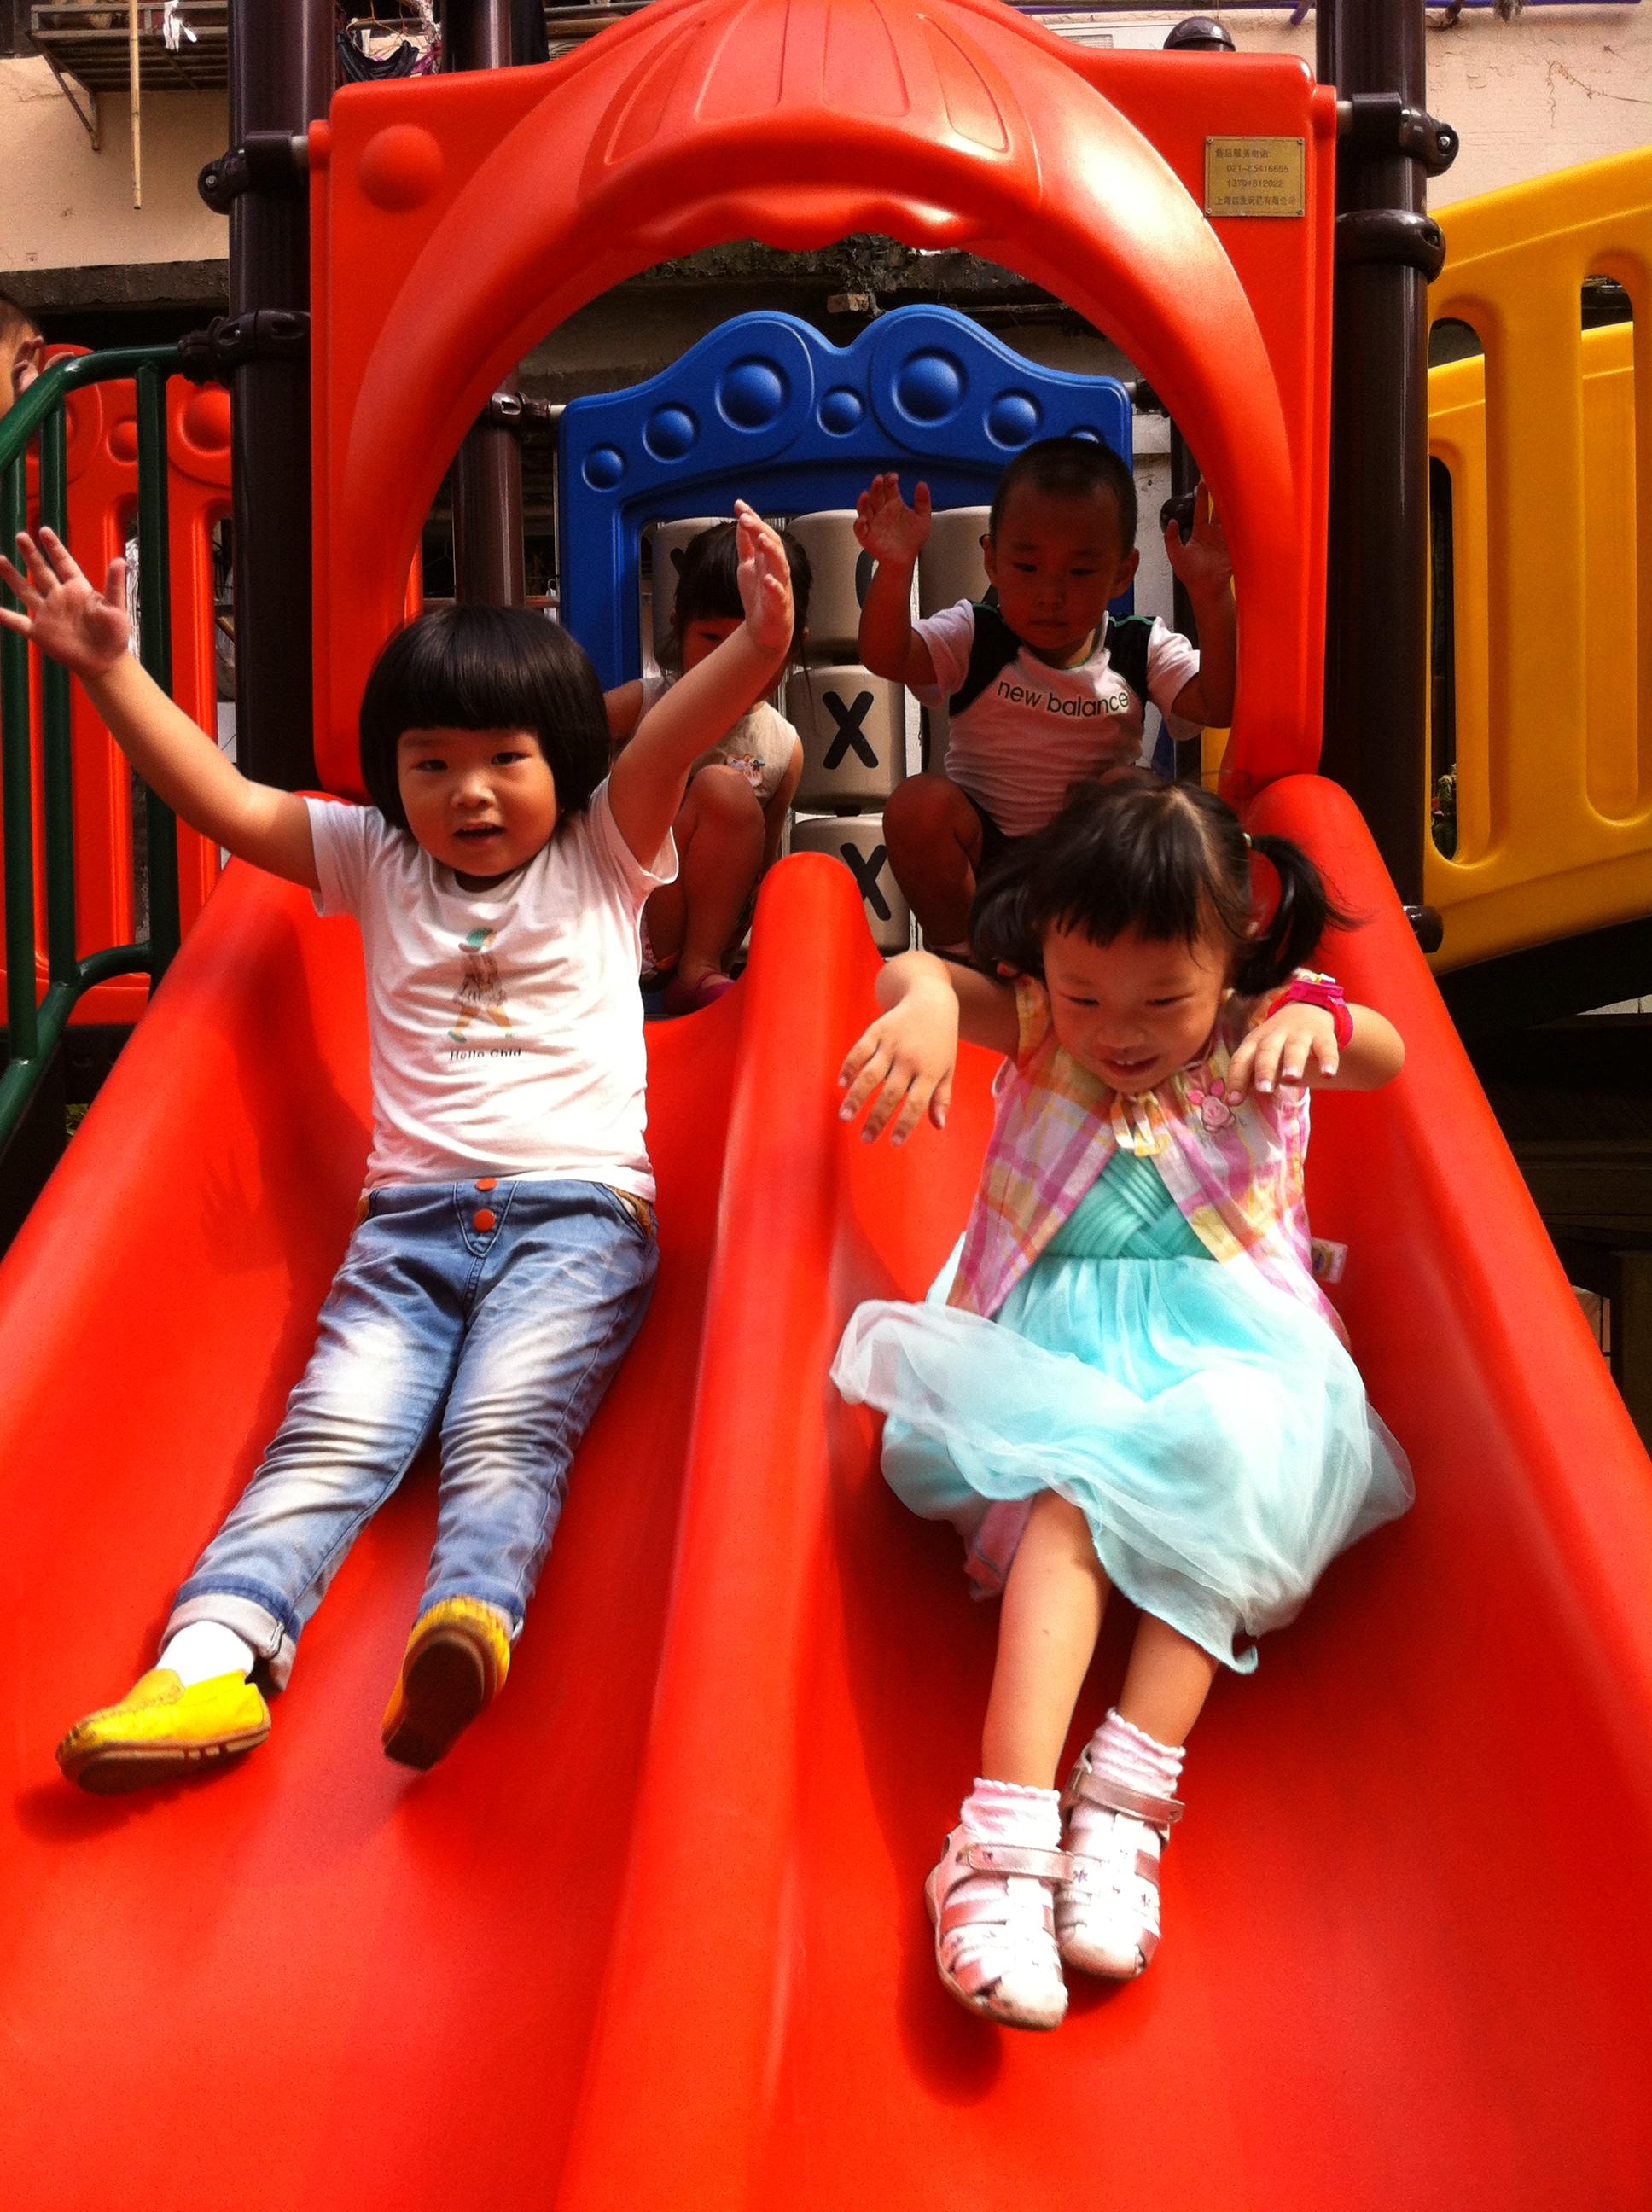 高高兴兴上幼儿园——四川北路幼儿园新生入园掠影